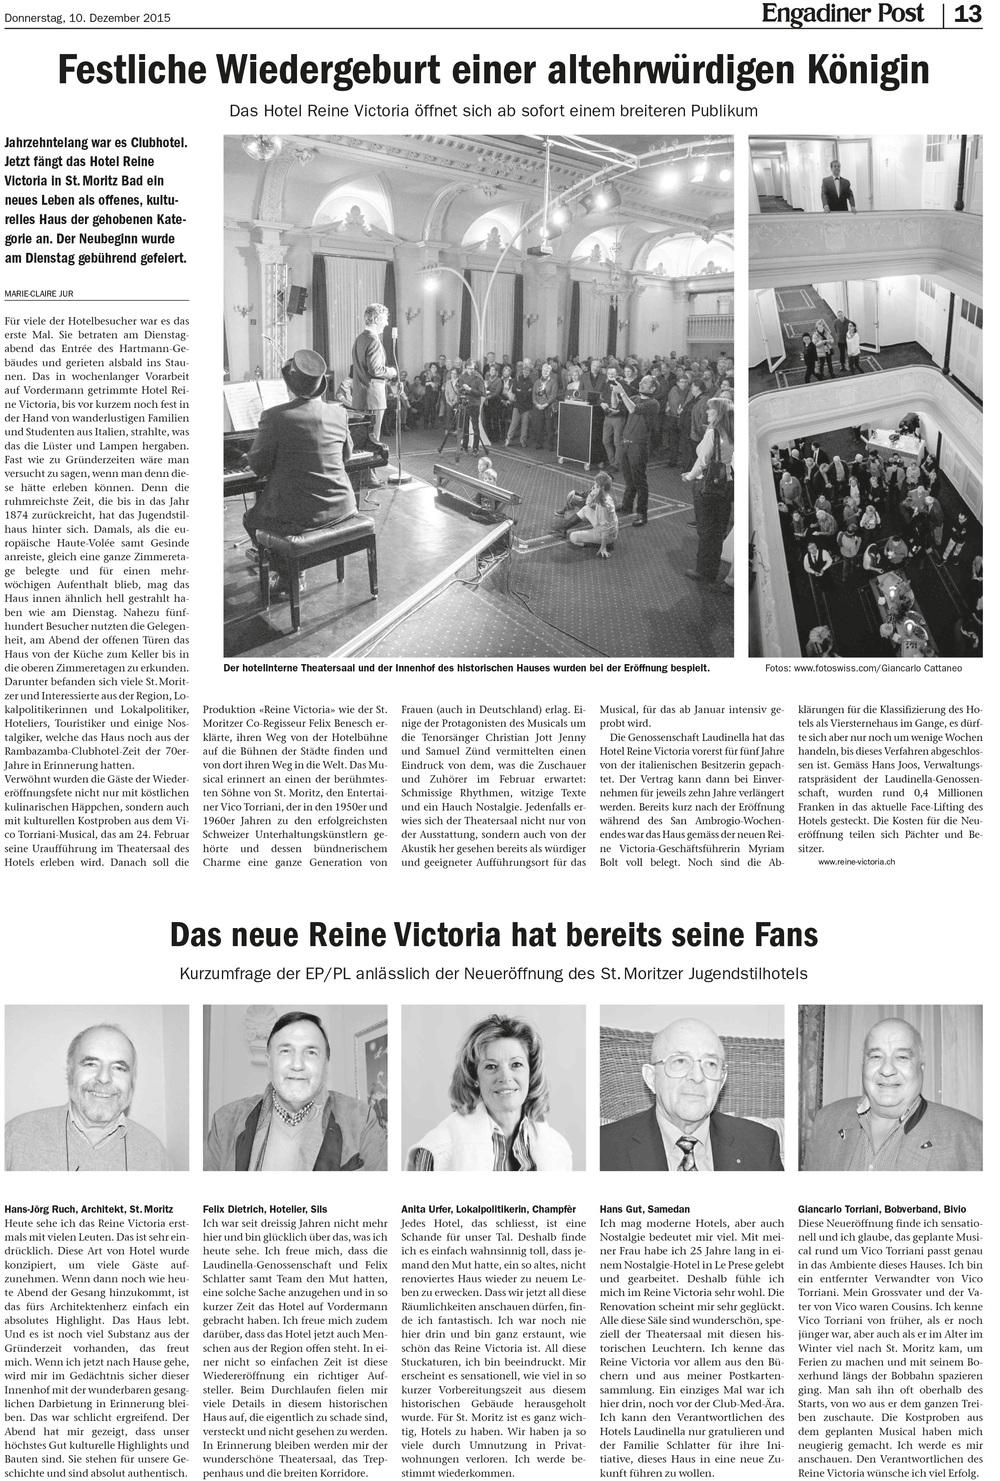 Eröffnung Reine Victoria_Engadiner Post 10. Dez. 2015.jpg